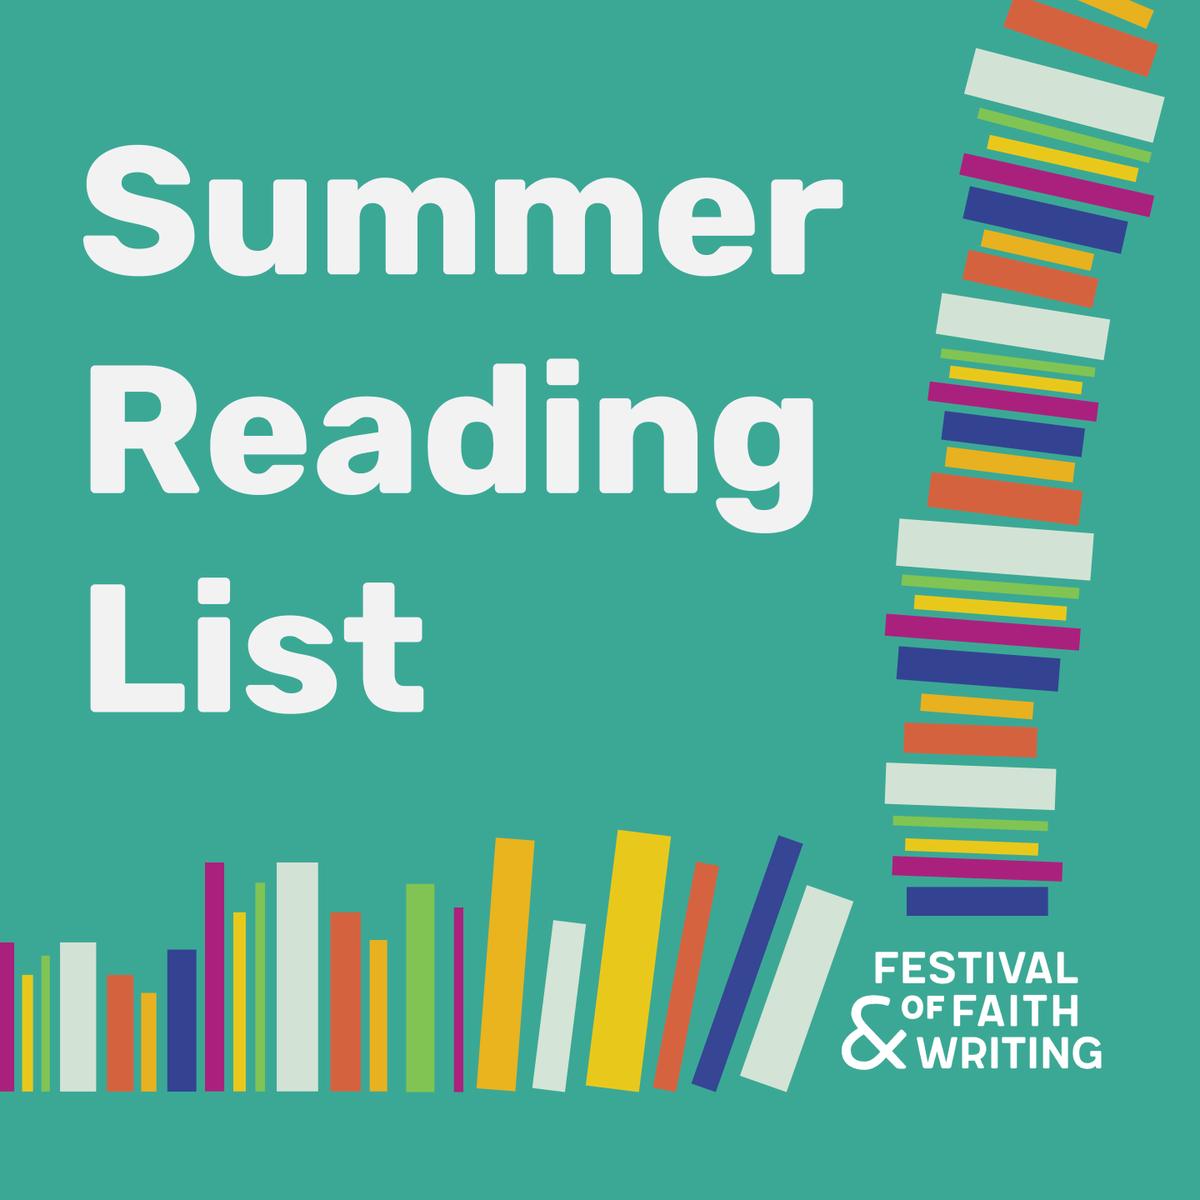 Summer Reading List 2020.Calvin Center For Faith Writing On Twitter 1 3 The